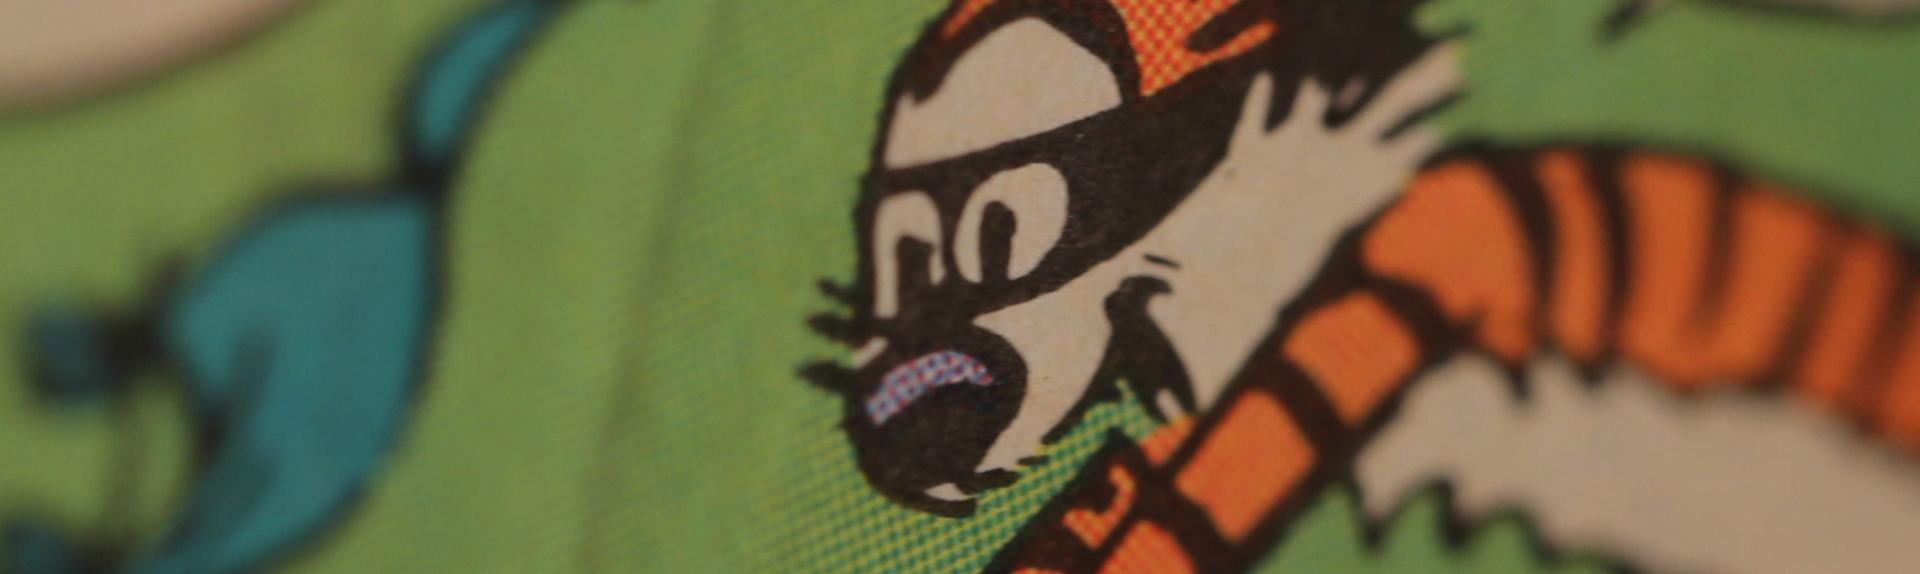 Hobbes playing Calvinball